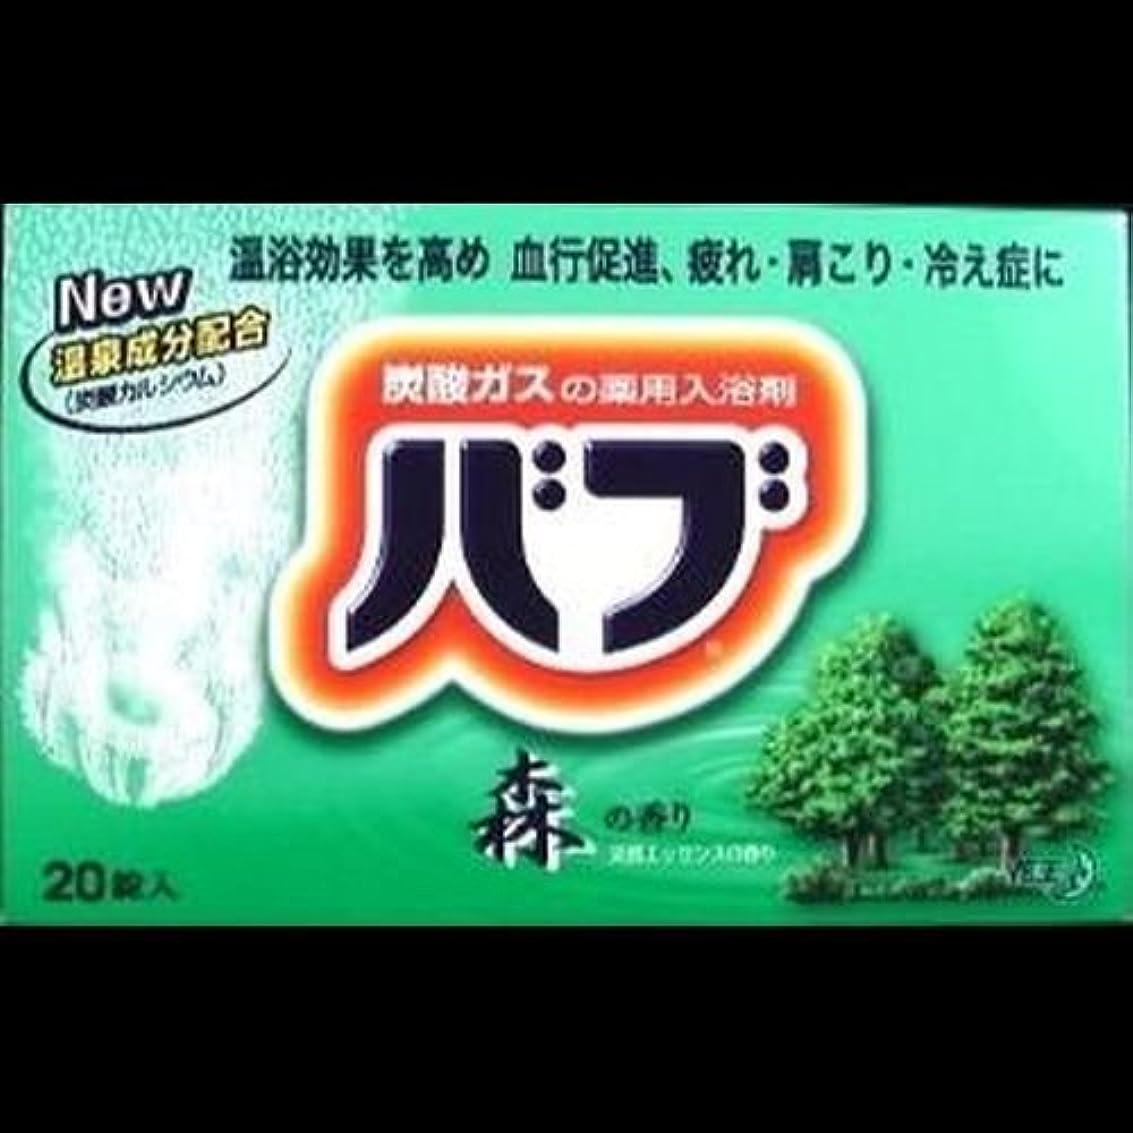 周術期不要まとめる【まとめ買い】花王 バブ 森の香り 20錠 (医薬部外品) ×2セット